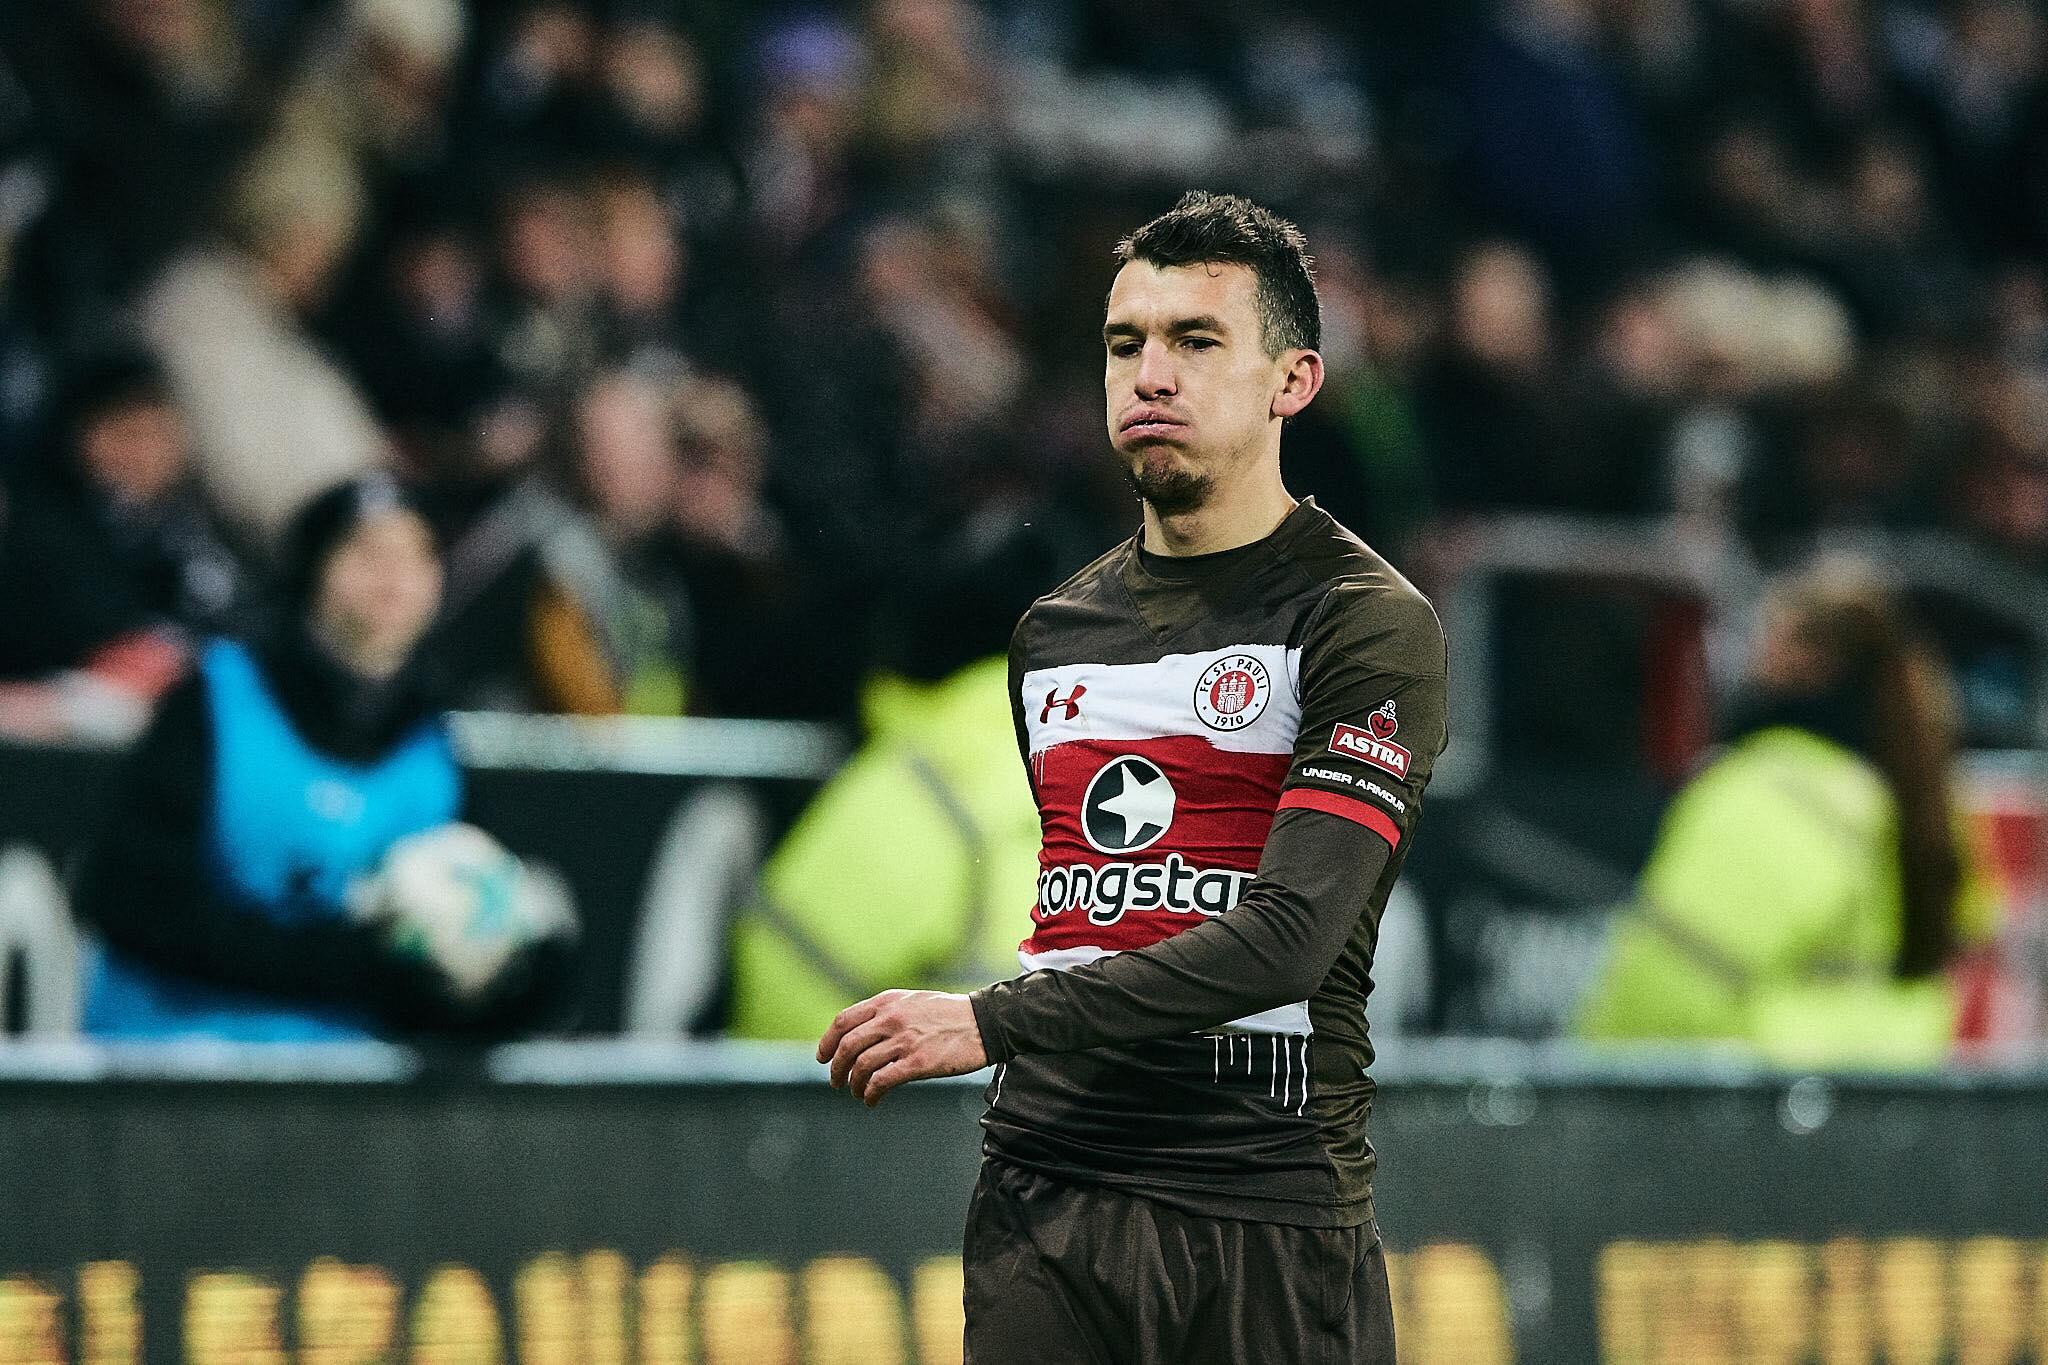 Nach dem Spiel – FC Erzgebirge Aue (A) – Spieltag 5 – Saison 2018/19